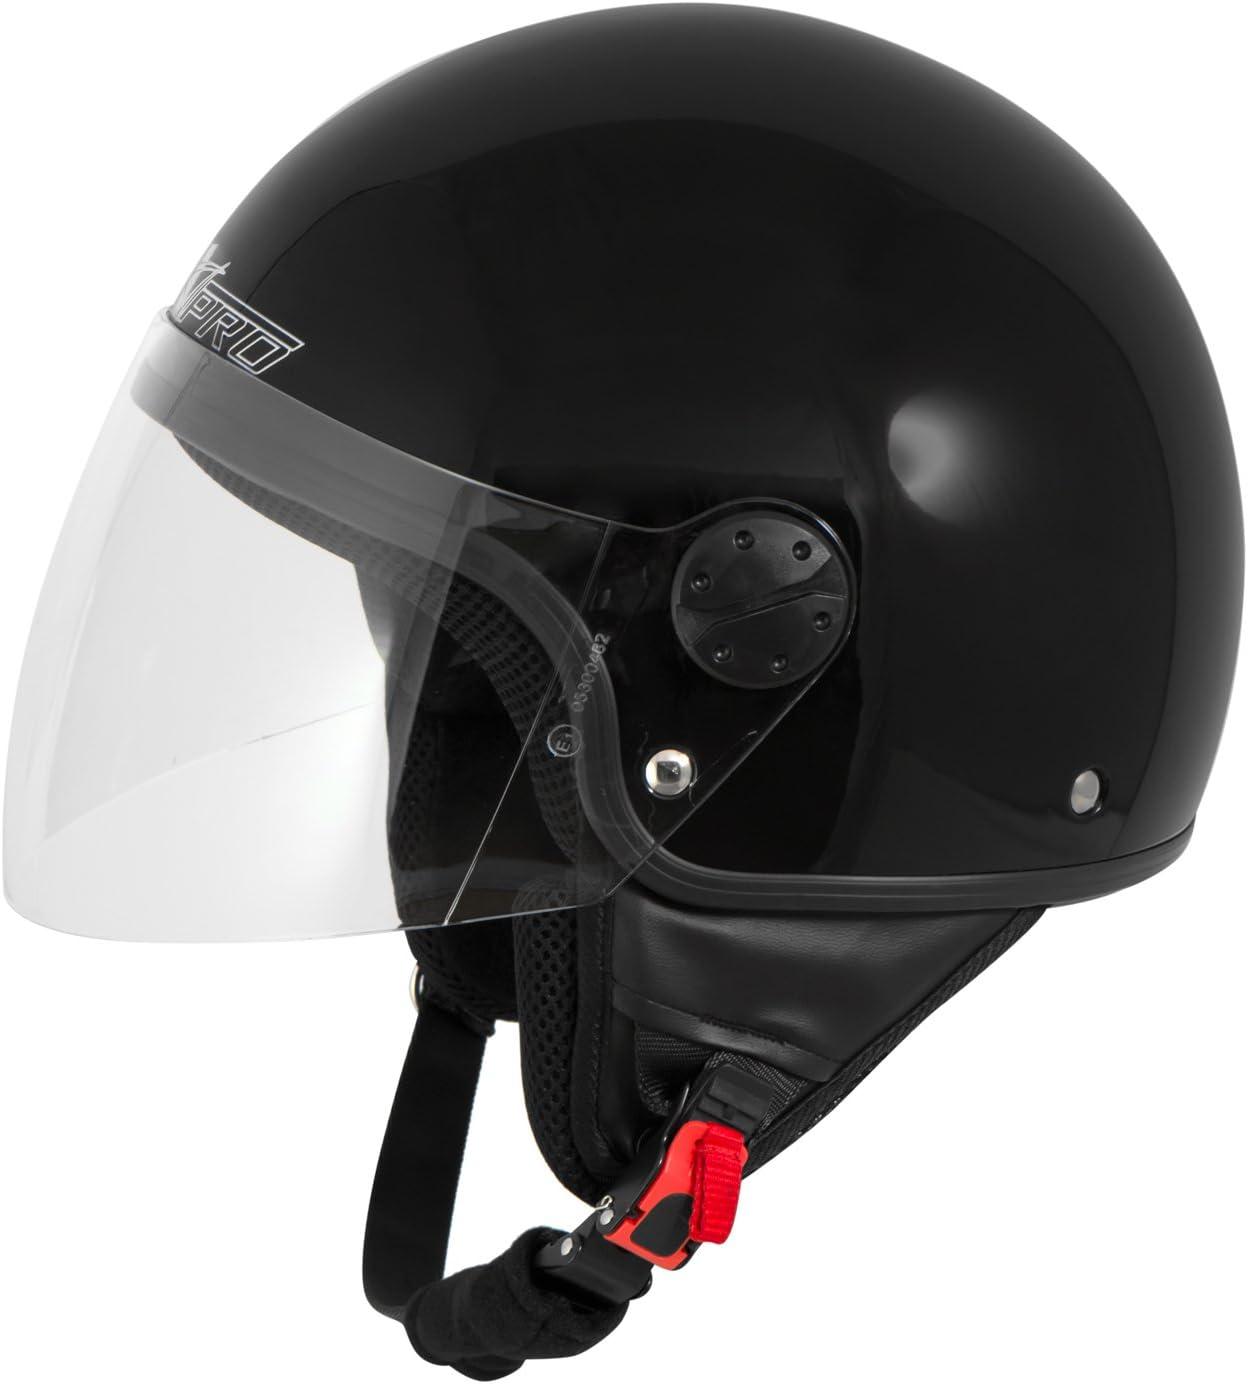 Casque Moto Scooter Vespa Jet Visiere Longue Approuv/é ECE 22 Noir Mat XS